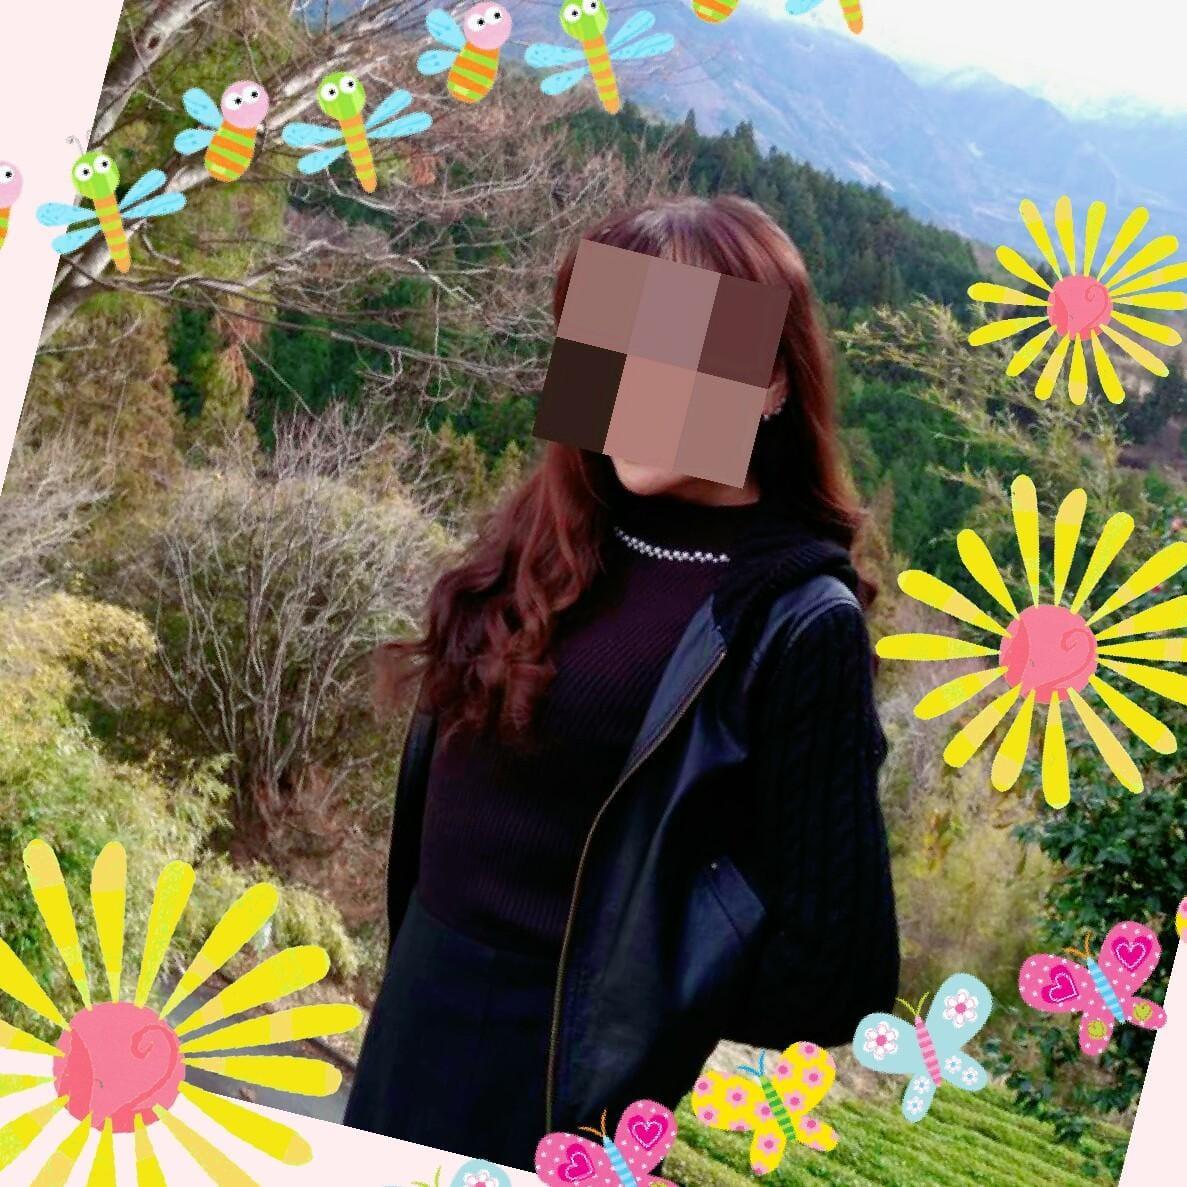 「こんばんは」12/09(12/09) 18:44 | はるか(昭和48年生まれ)の写メ・風俗動画